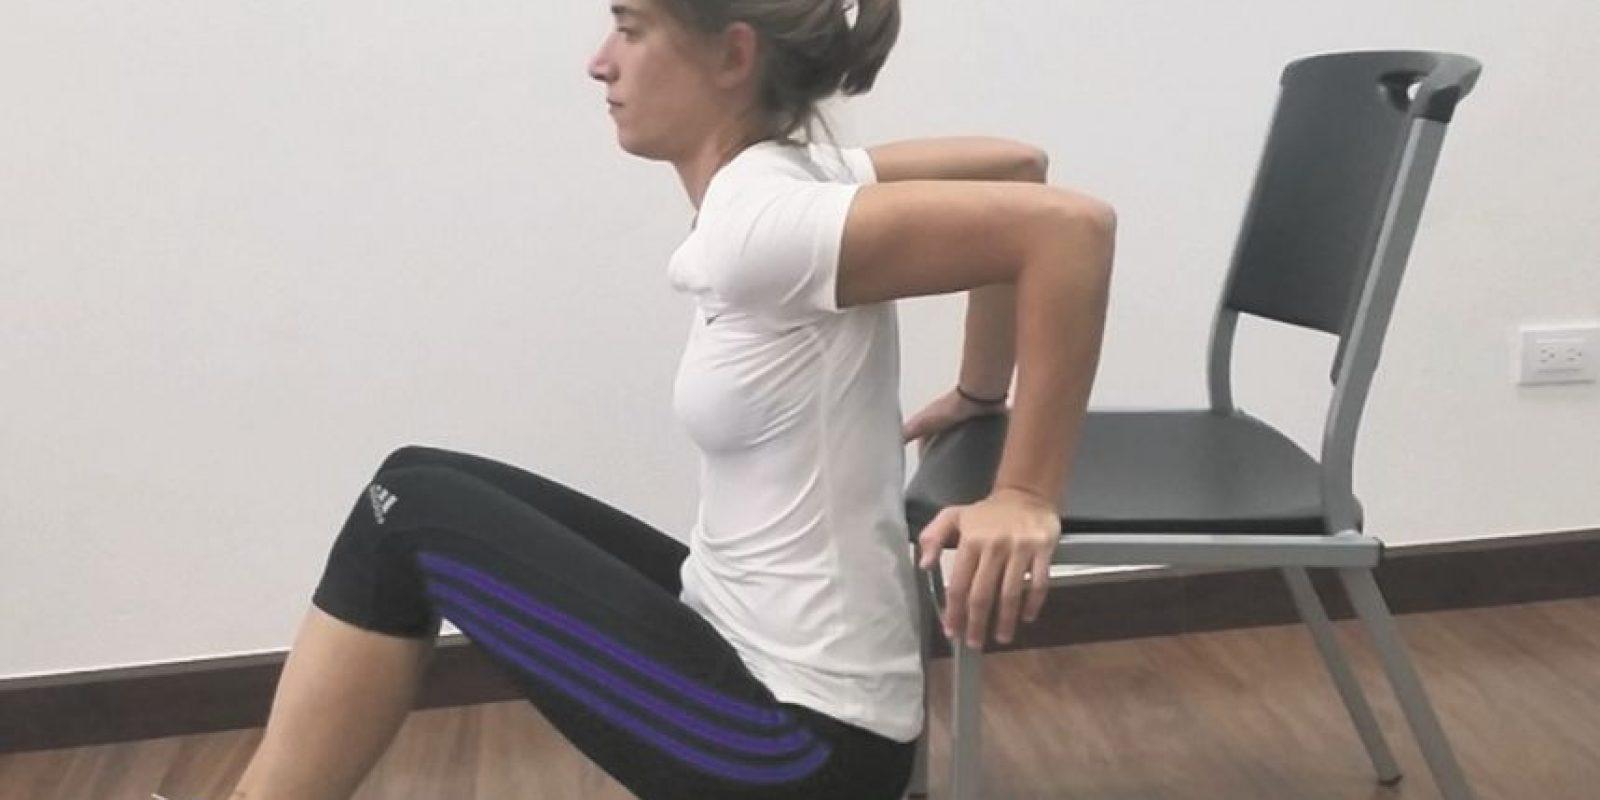 2- Tríceps. Apoyamos las manos sobre la silla con los glúteos casi pegados de la punta de la misma. Bajamos los glúteos lo más que nos permita nuestro cuerpo. Subimos y repetimos 15 veces. Descansamos 30 segundos y repetimos el ejercicio tres veces. Foto:Fuente Externa